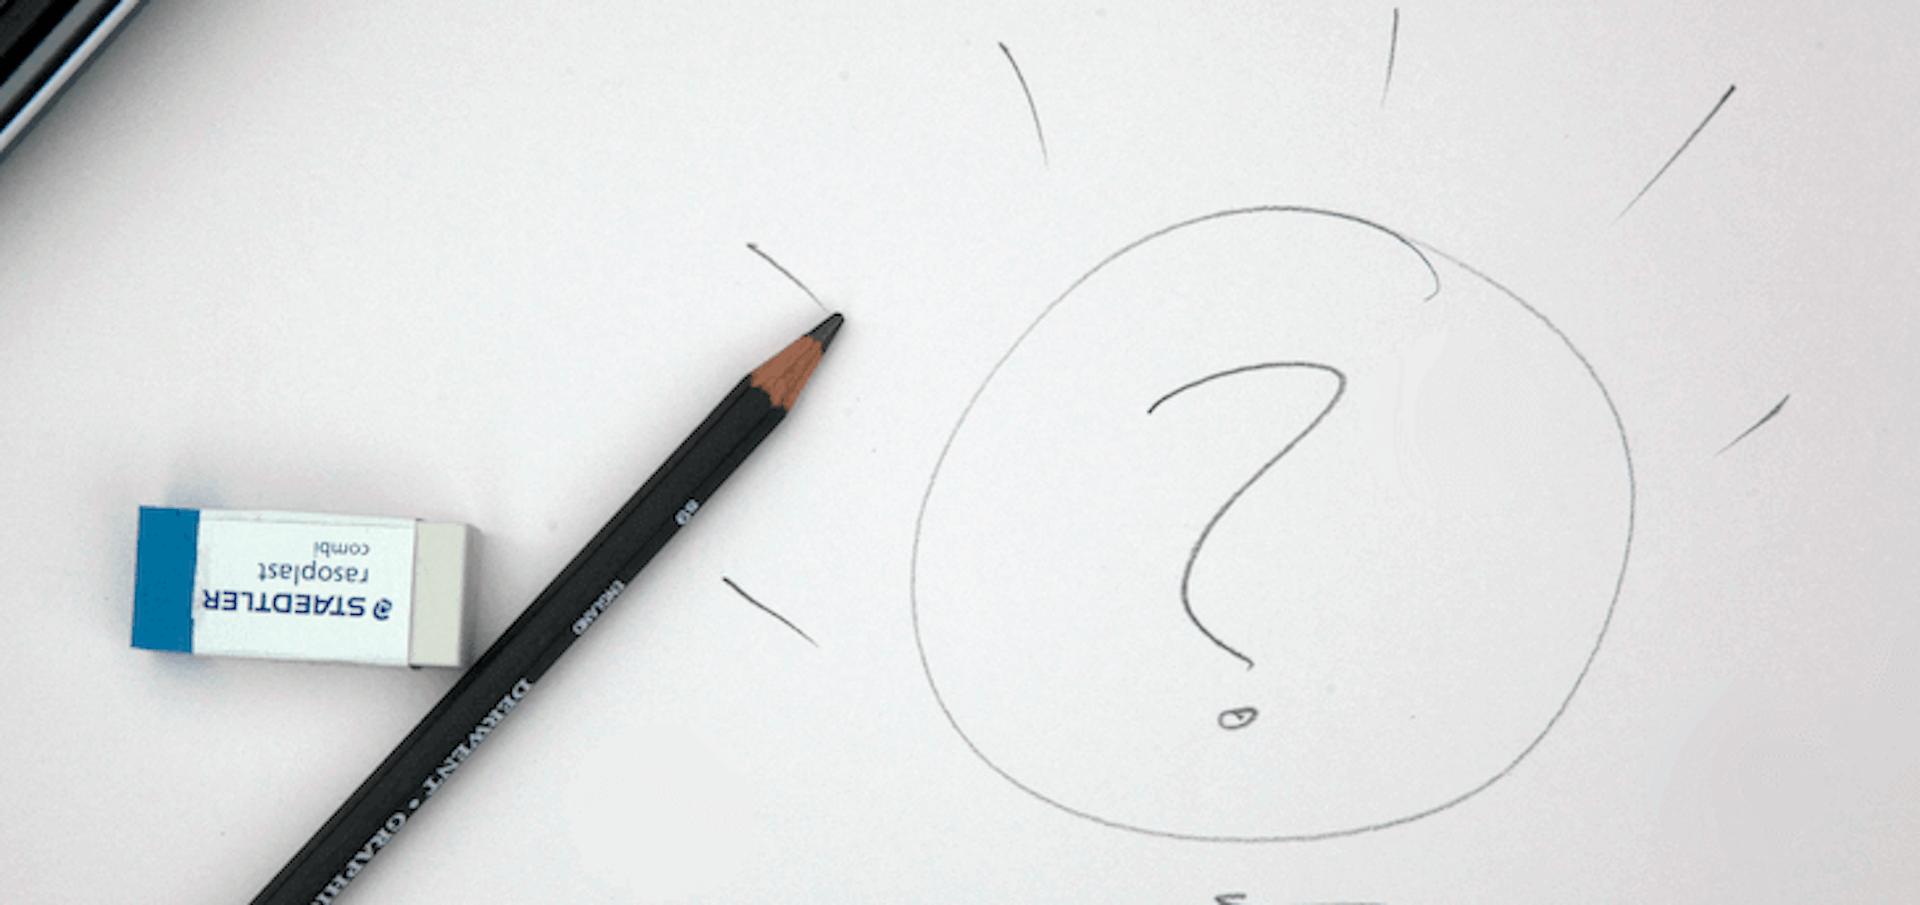 ¡La presentación que necesita tu proyecto! ¿Qué es un resumen ejecutivo?